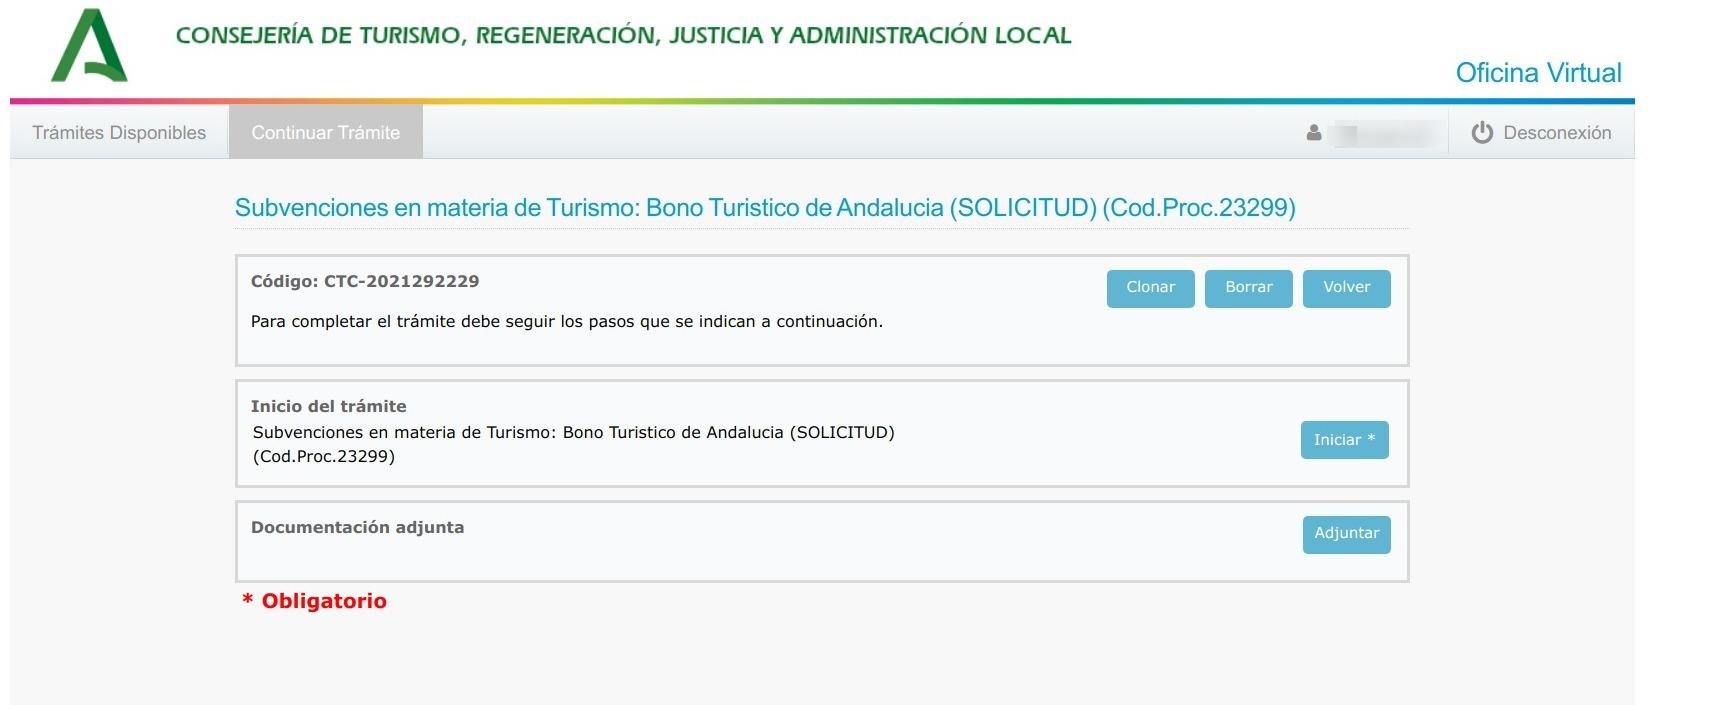 Tramite online para obtener el Bono turístico Andaluz.